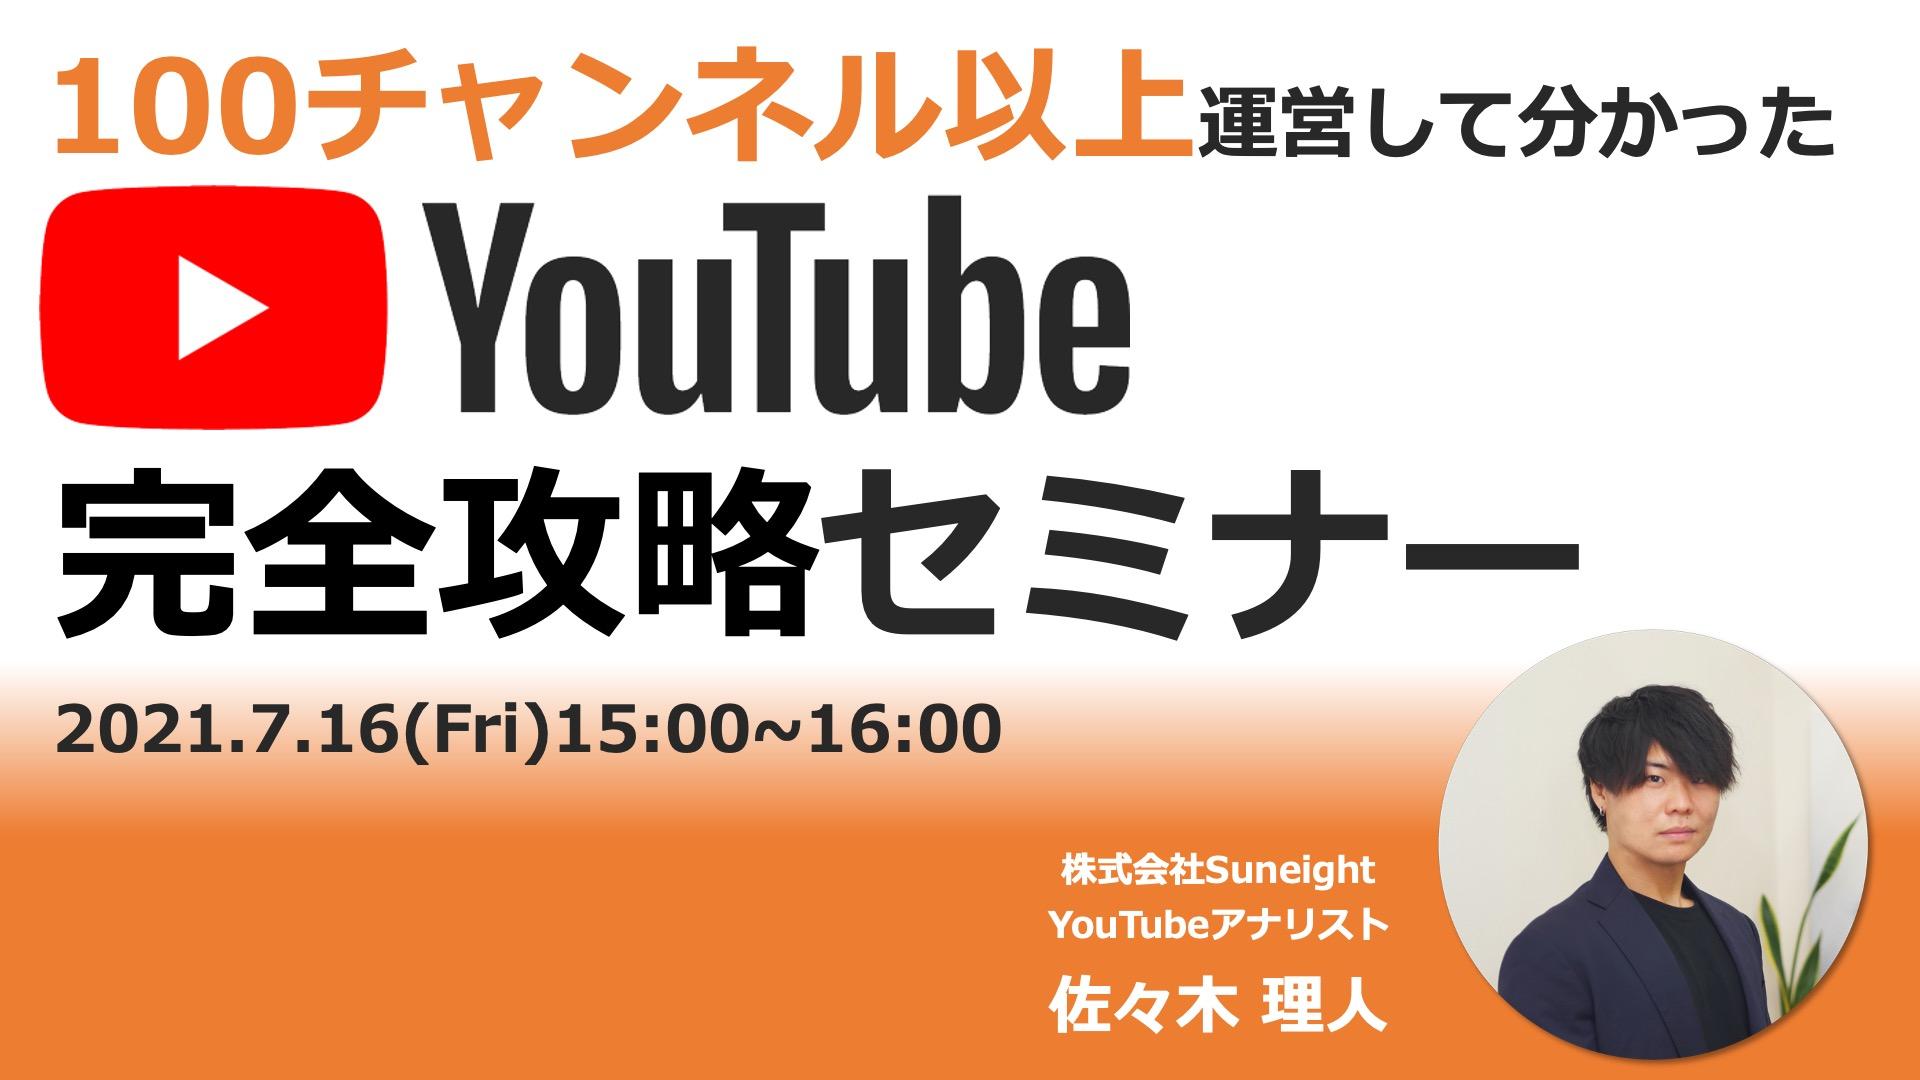 【セミナーレポート】YouTubeチャンネルを成功させる仕組みとやるべき行動とは?次回セミナーも開催決定!